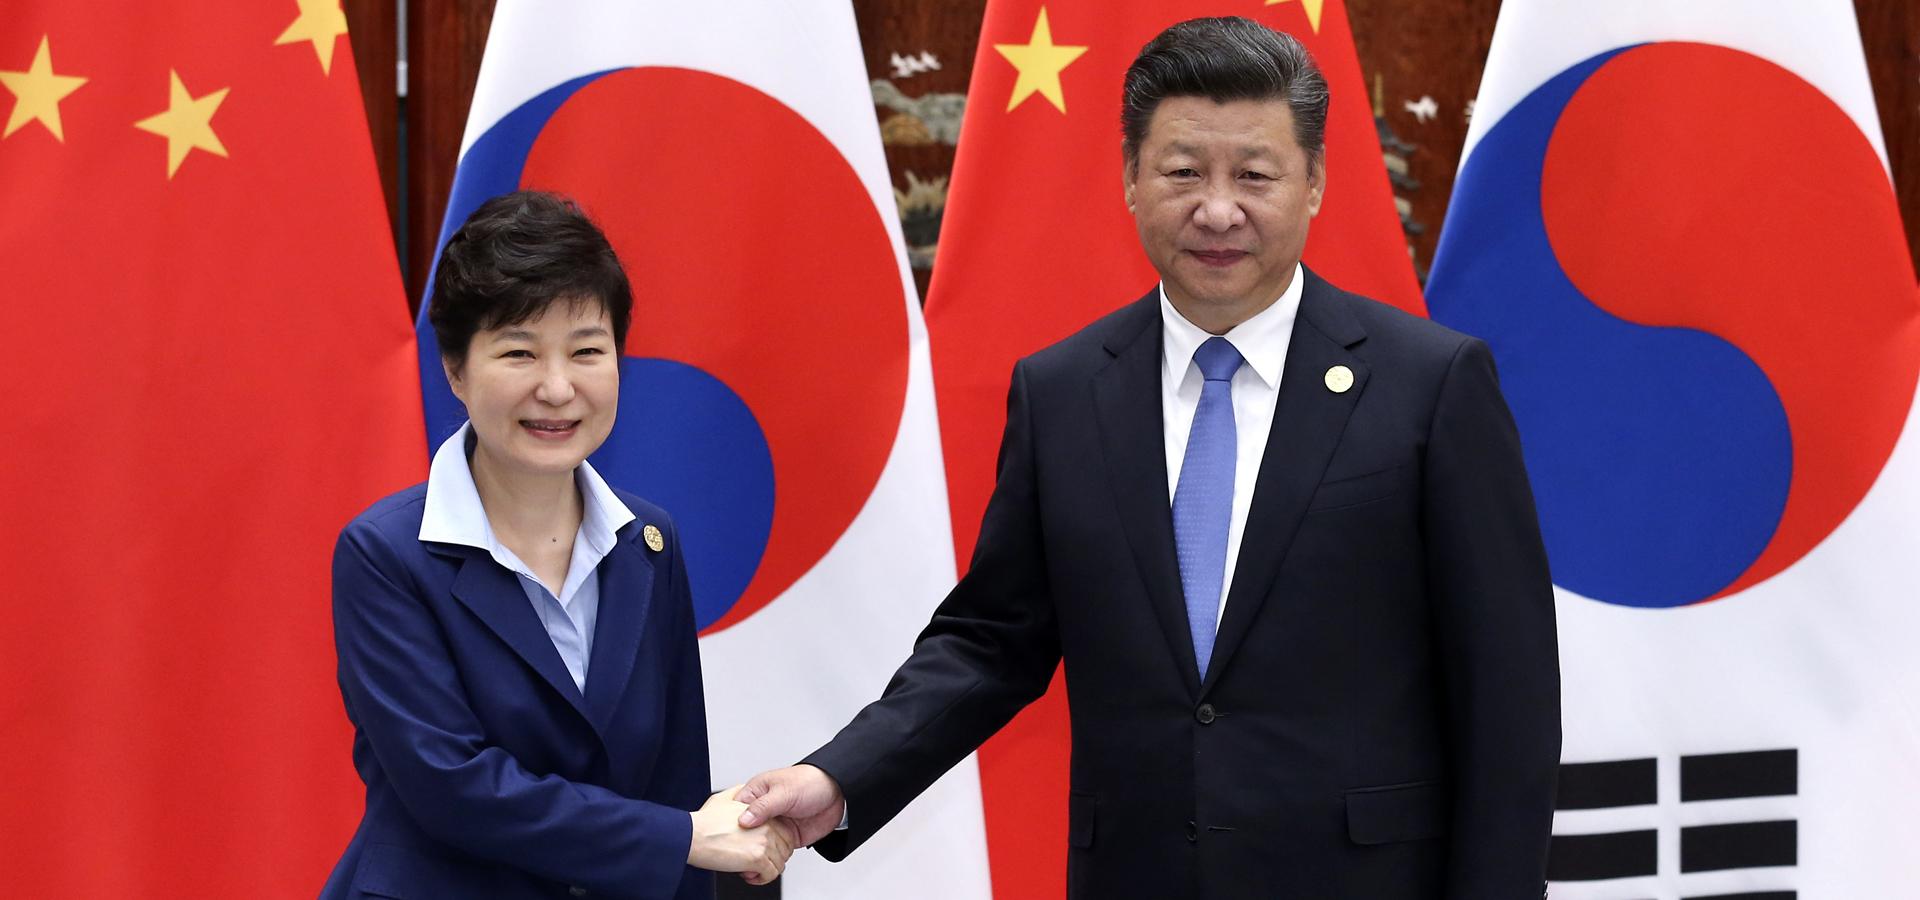 習近平會見韓國總統樸槿惠